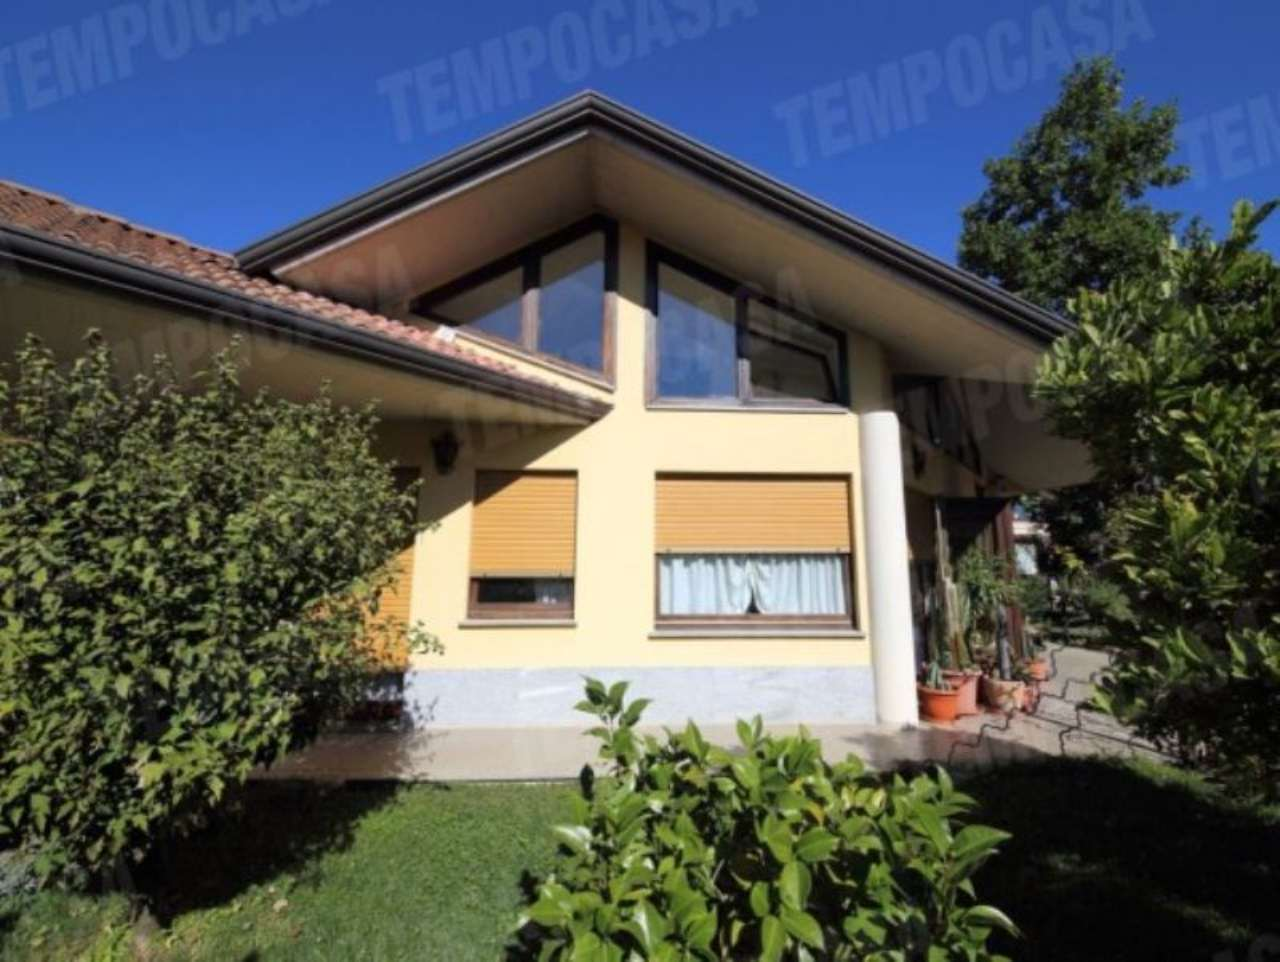 Villa in vendita a San Raffaele Cimena, 6 locali, prezzo € 265.000 | CambioCasa.it